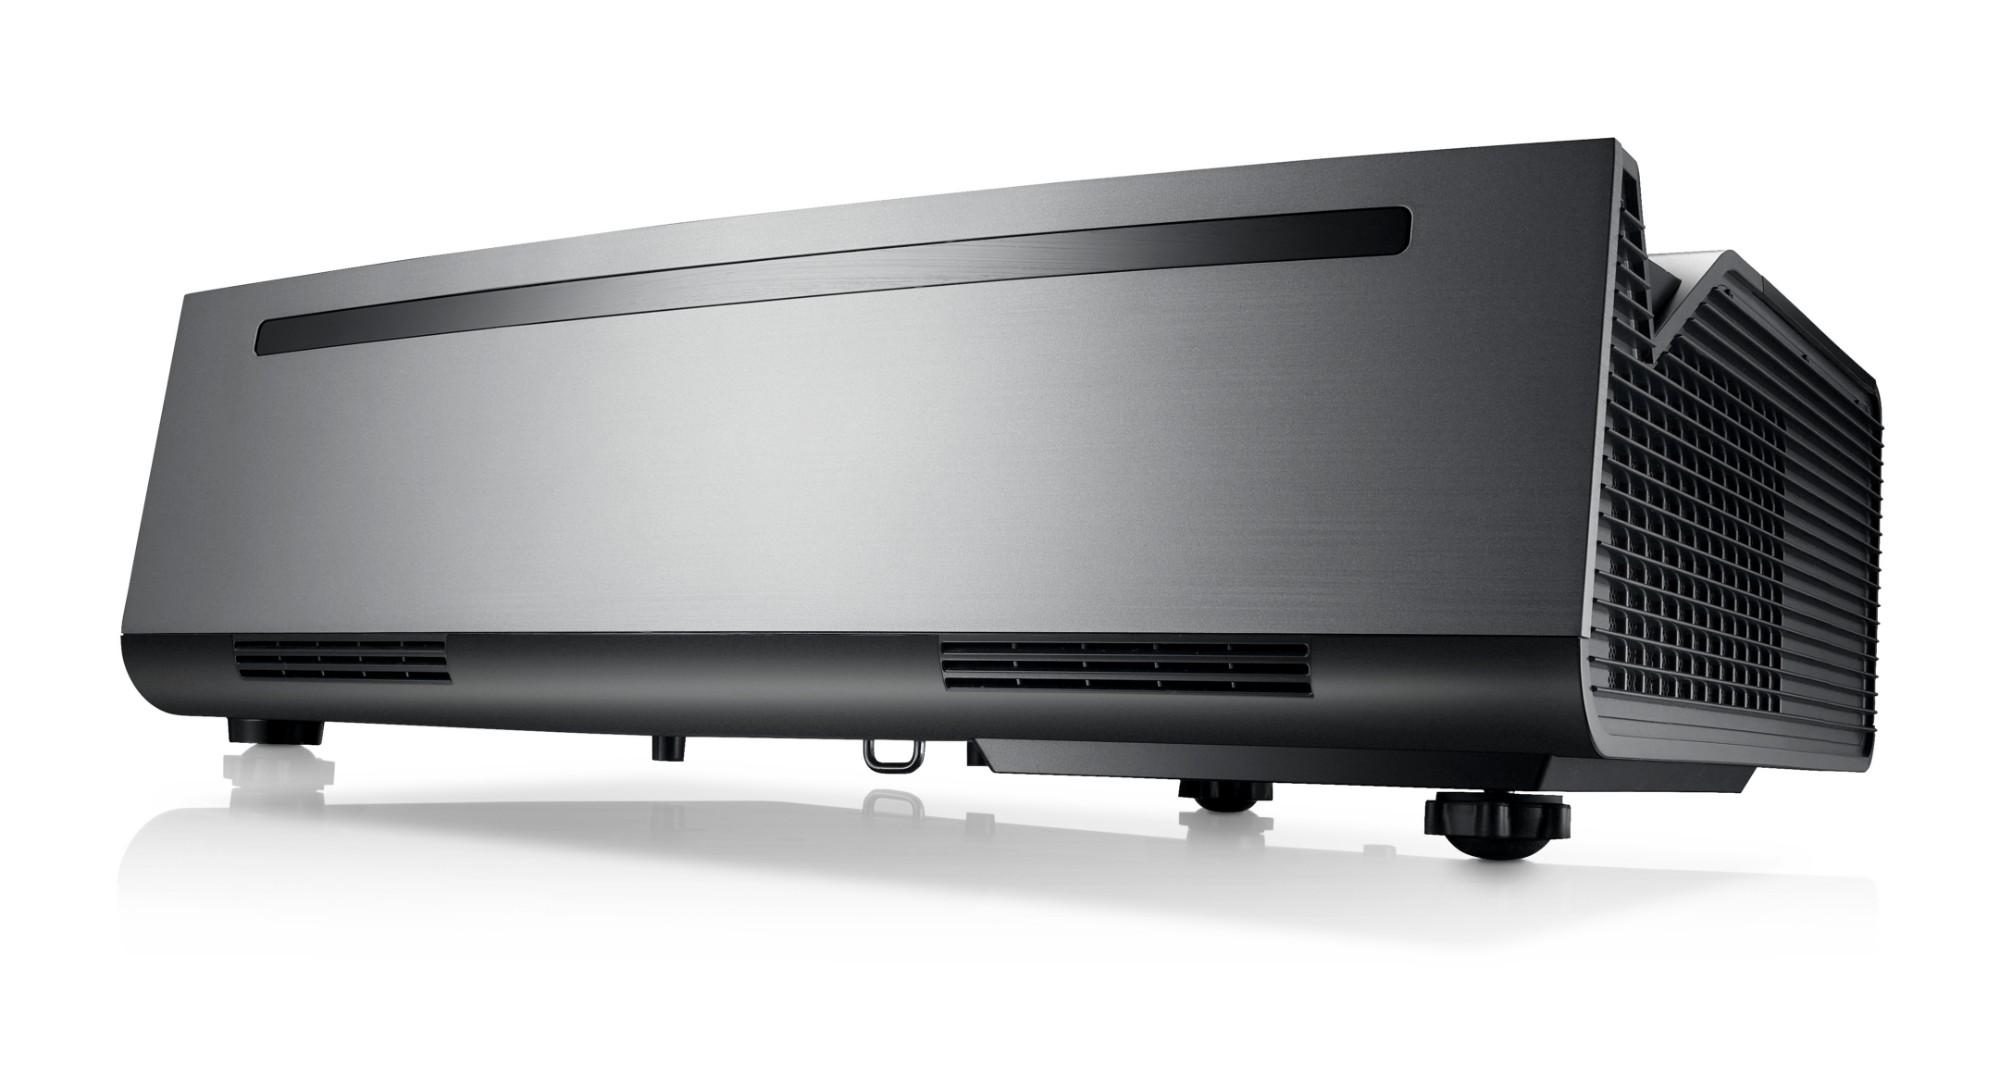 Ps718ql - Dlp Projector - 5000lm - 3840 X 2160 - 16:9 - 4k